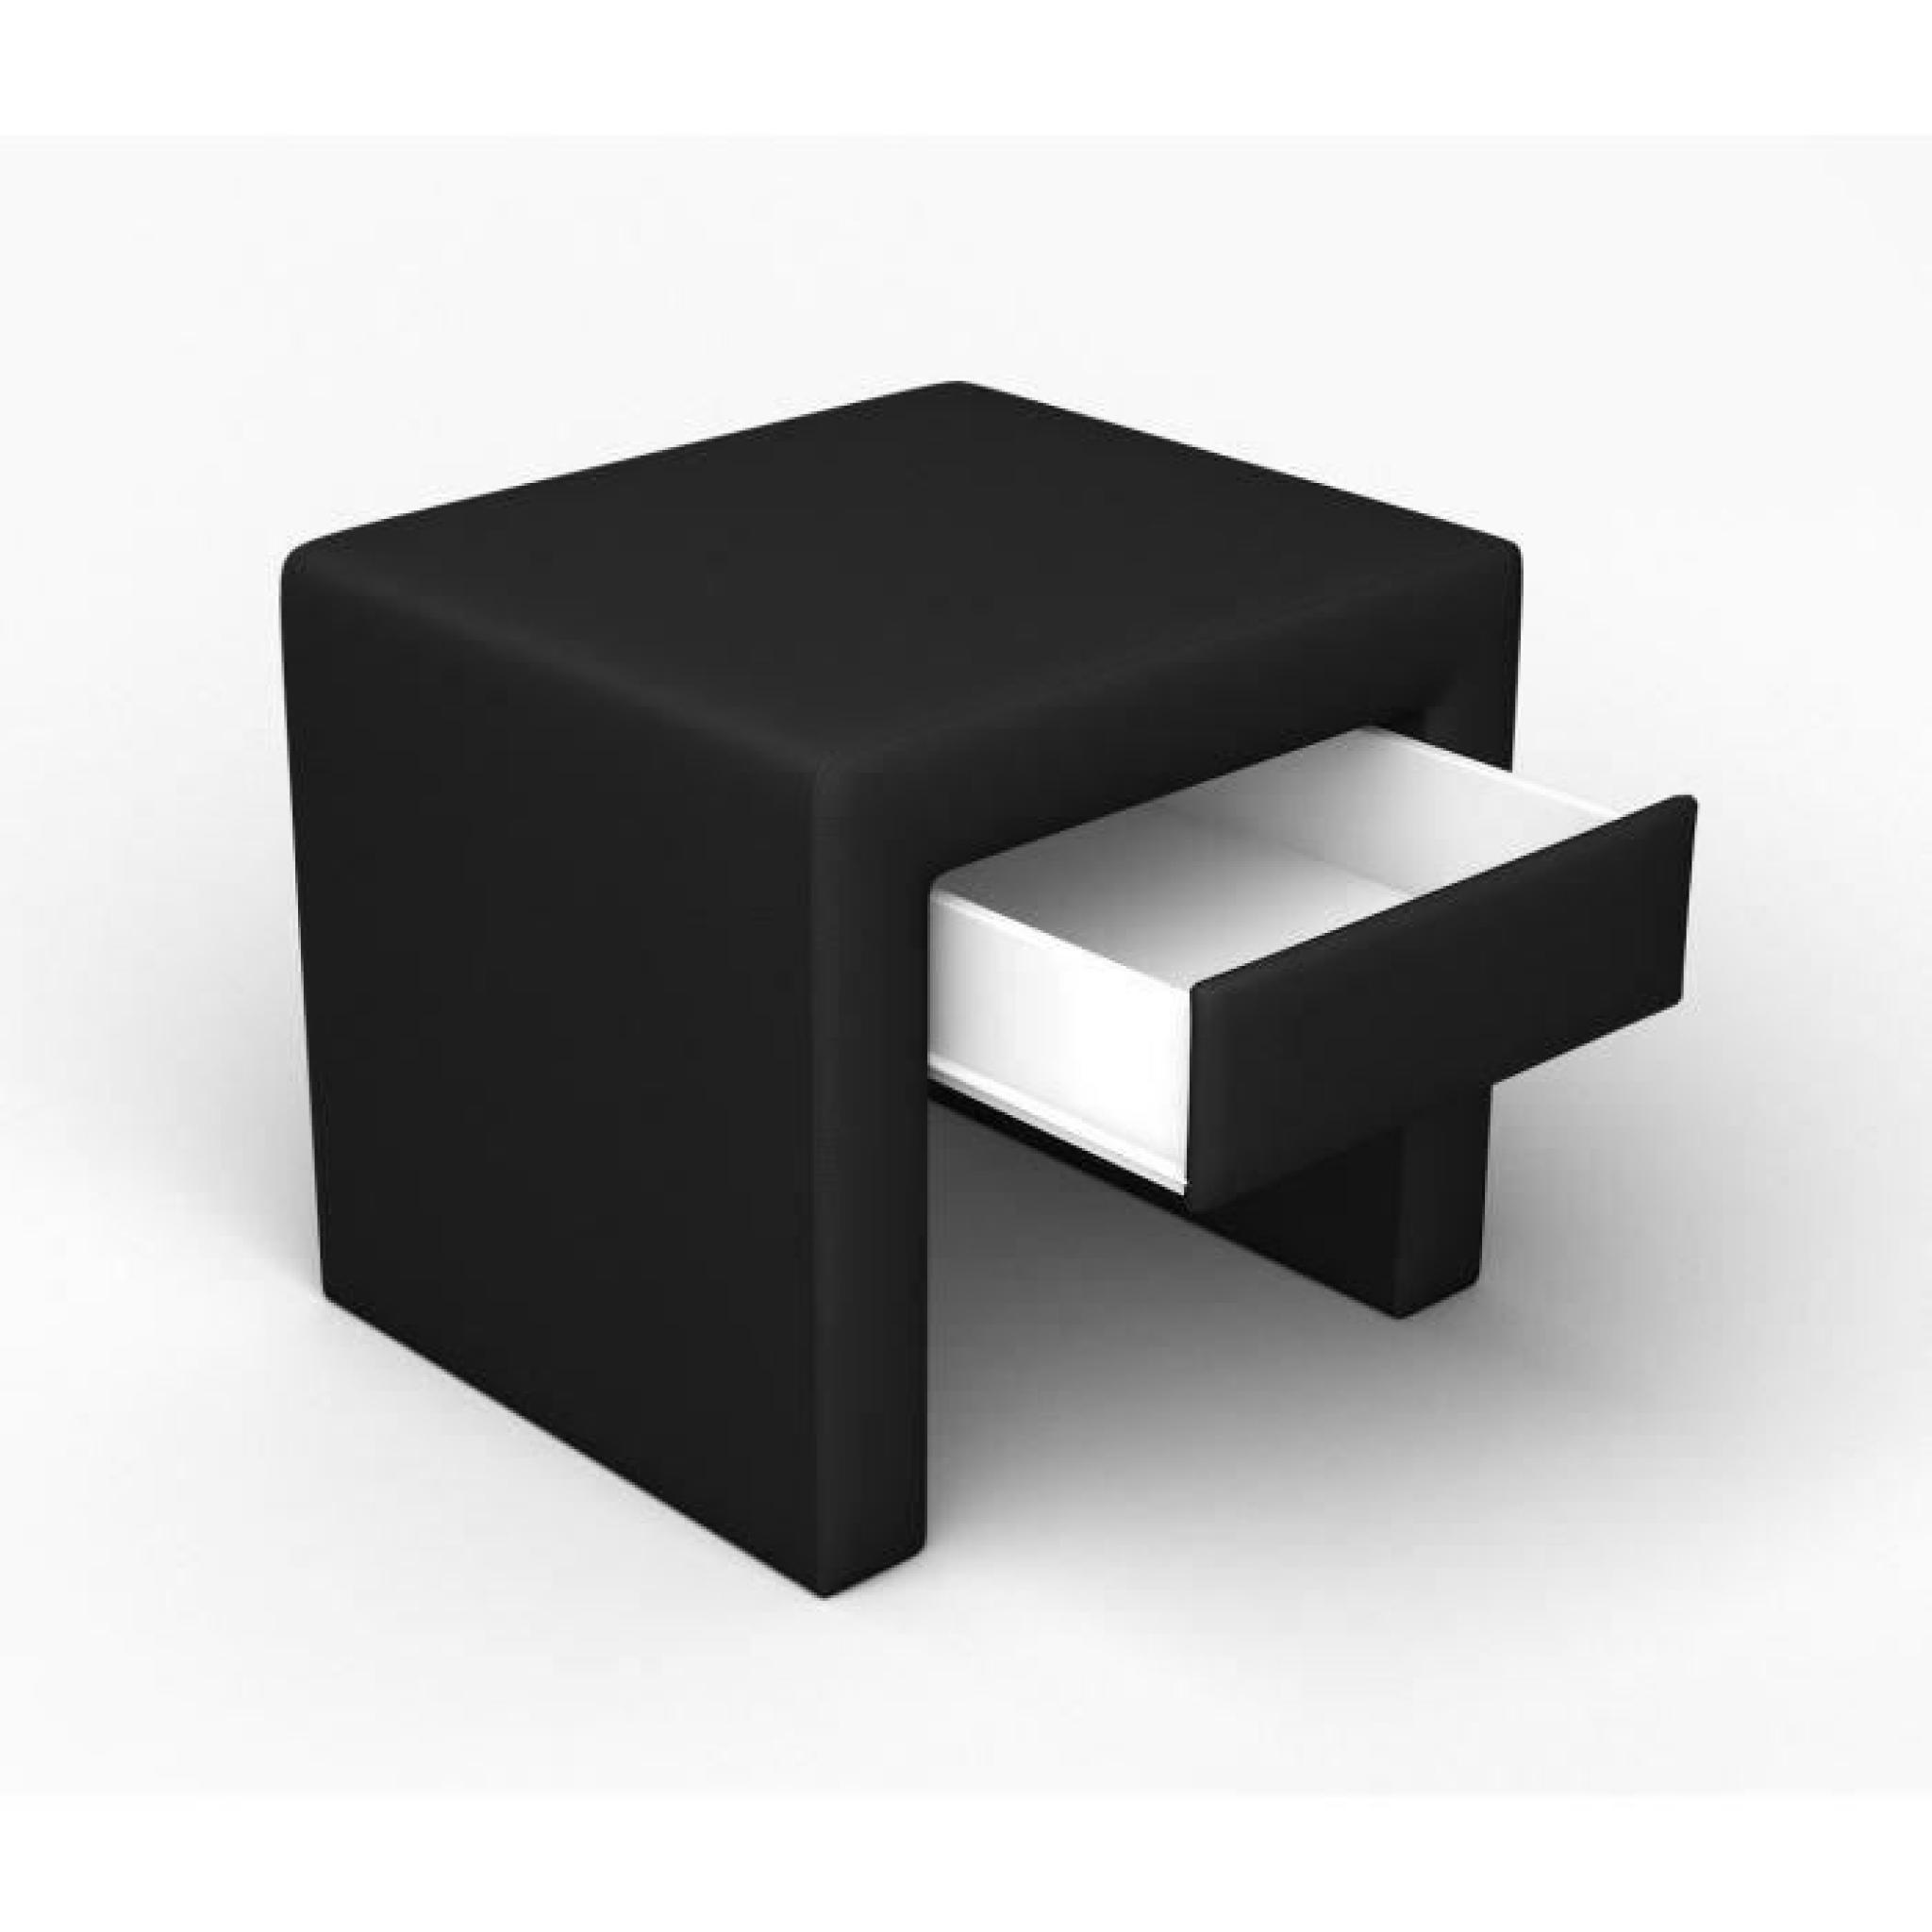 finlandek chevet pass tiroir simili noir achat vente table de chevet pas cher couleur et. Black Bedroom Furniture Sets. Home Design Ideas